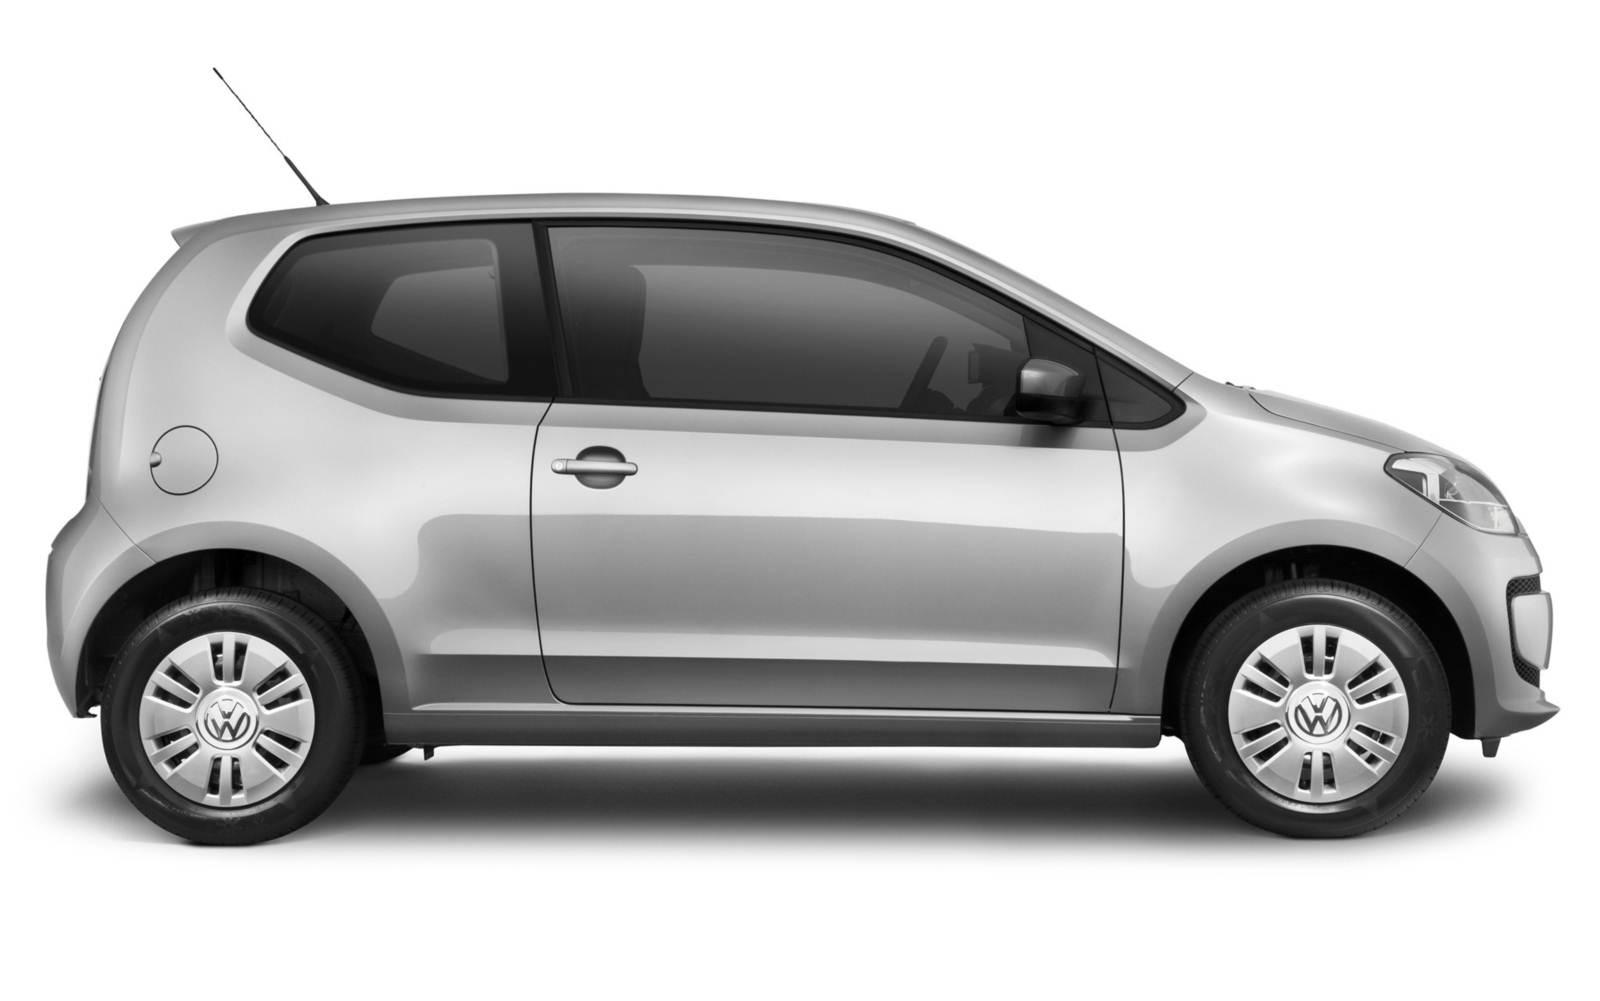 Novo Volkswagen up! 2 portas - Brasil